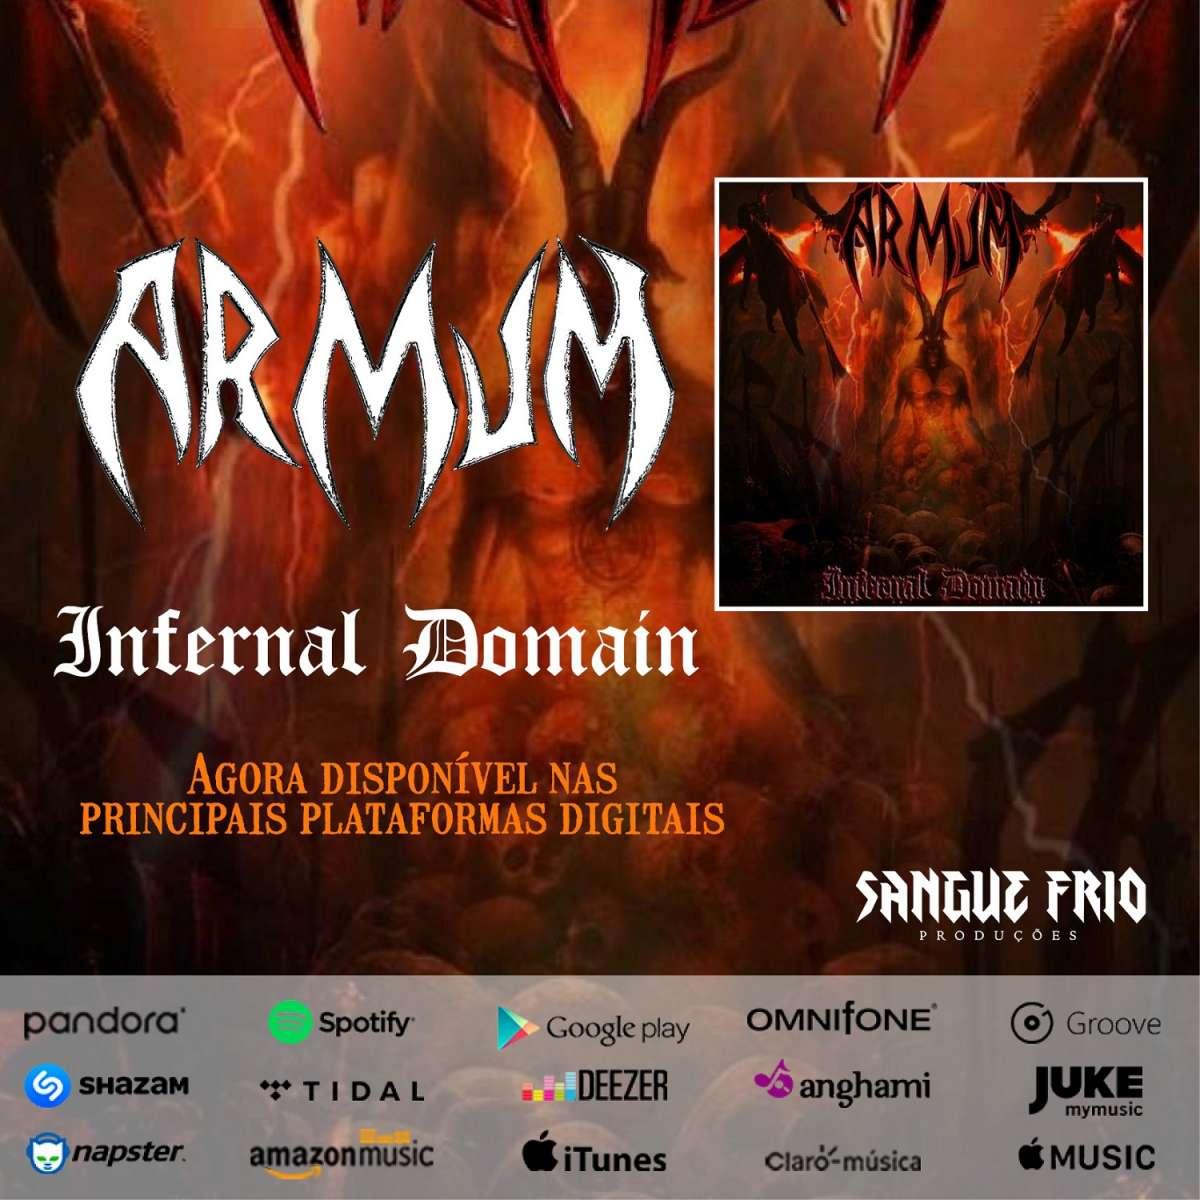 """Armum: """"Infernal Domain"""" já está disponível nas principais plataformas digitais, confira!"""